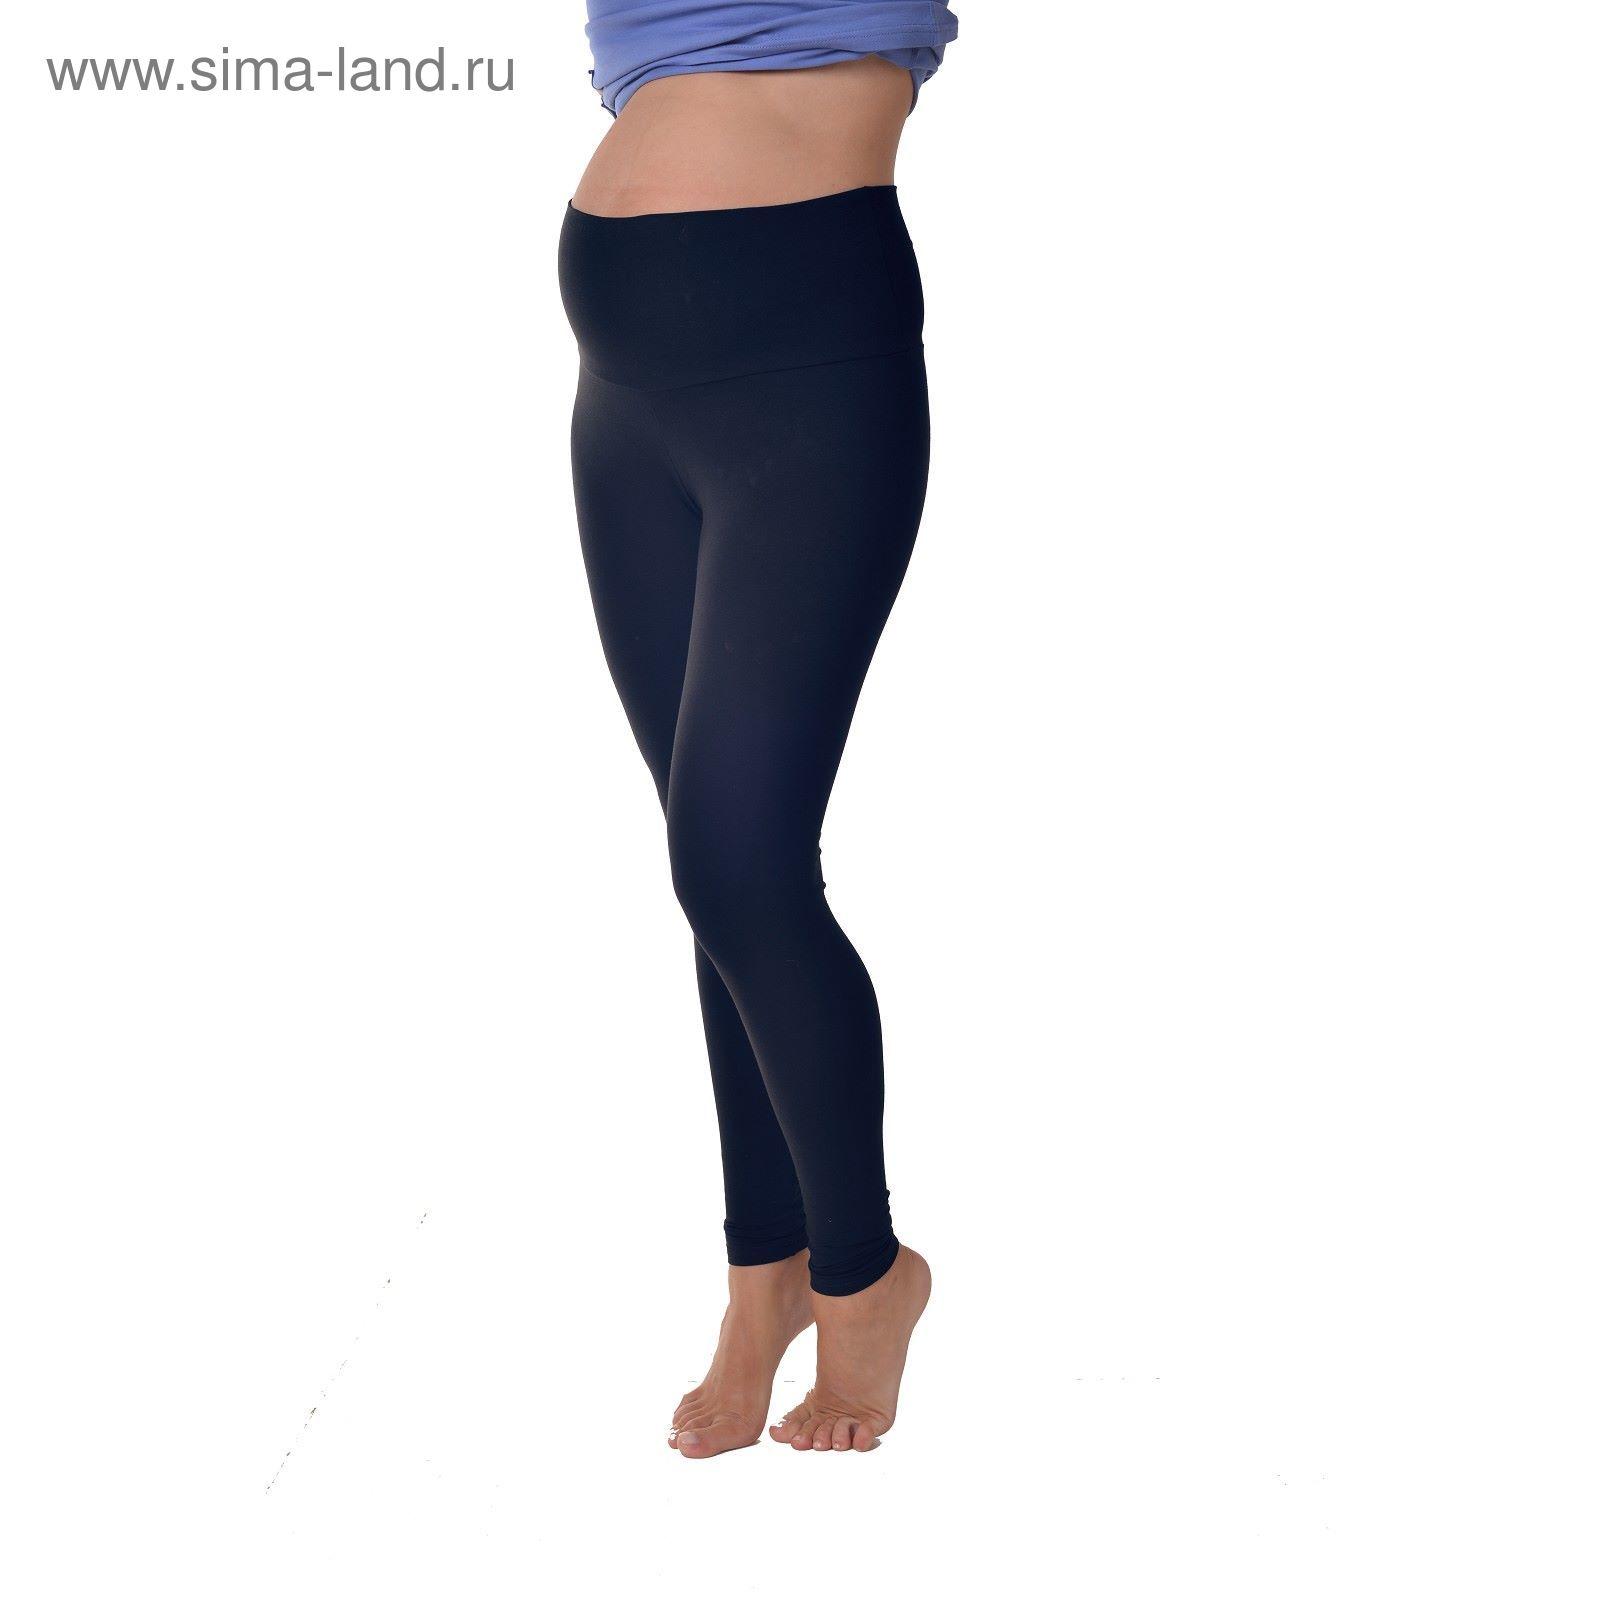 Леггинсы для беременных утепленные, размер 42 (1864136) - Купить по ... 3121a74f248